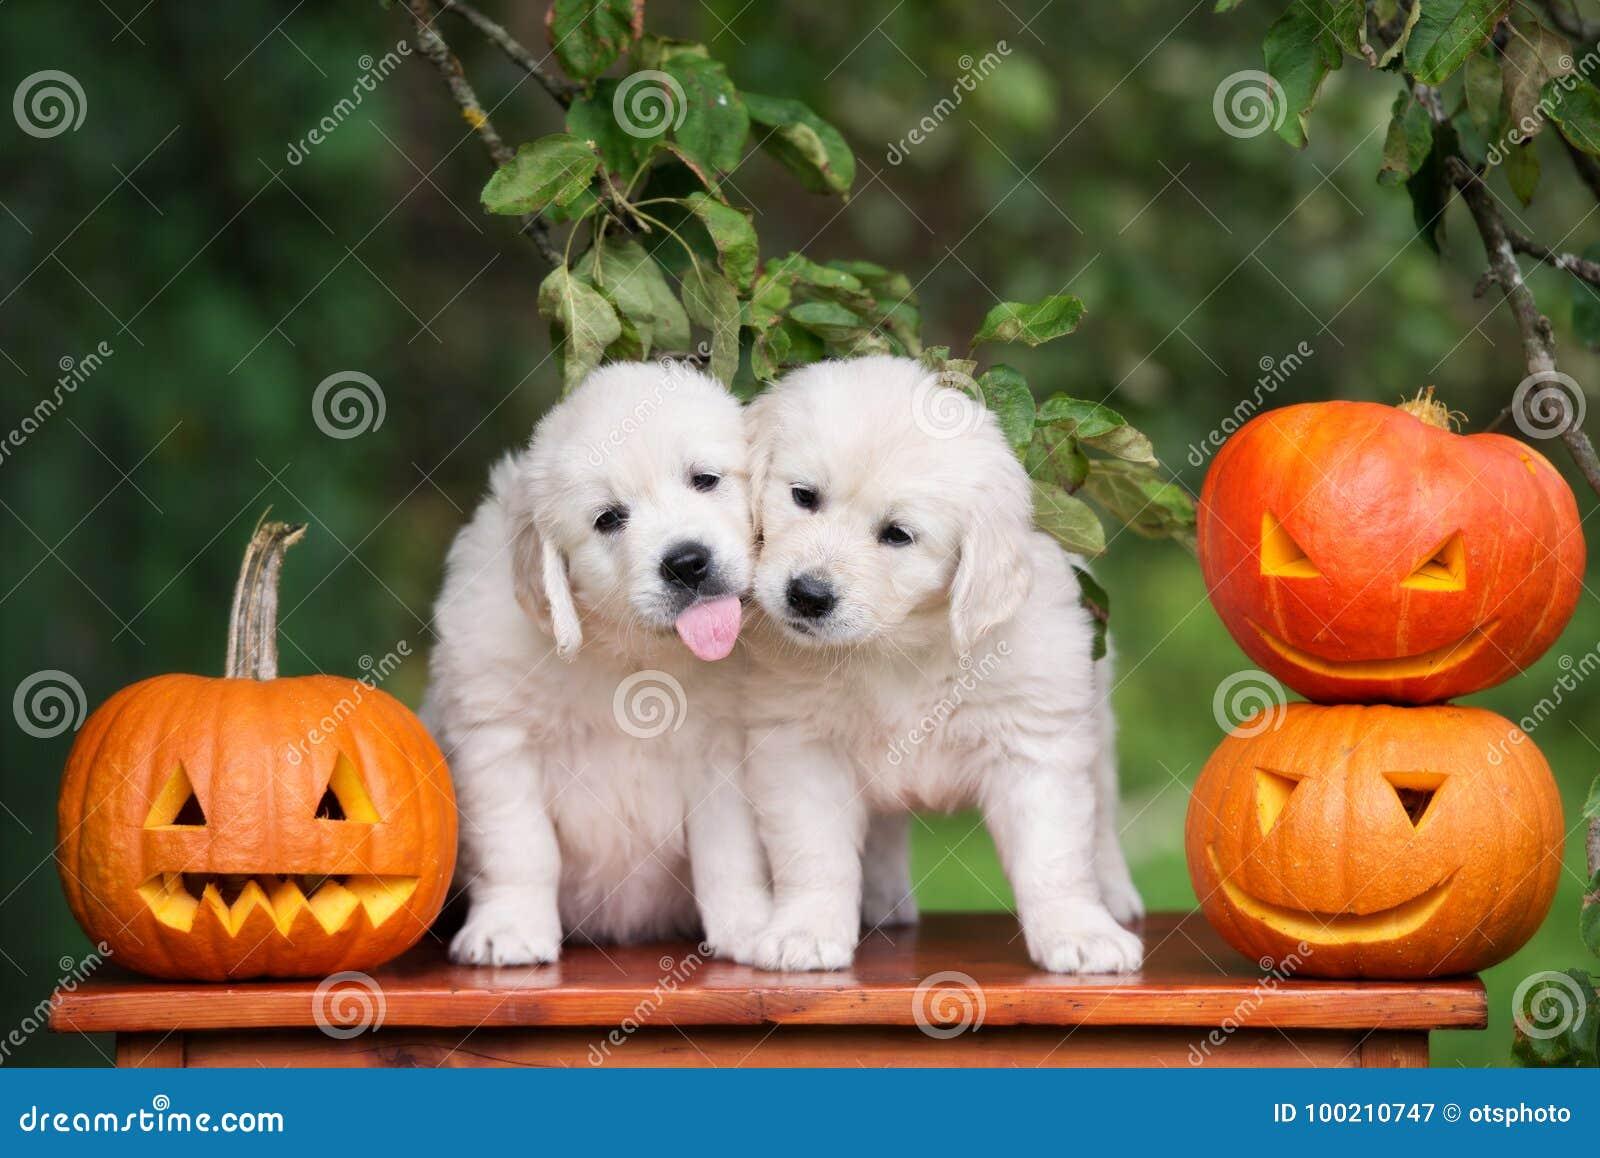 download golden retriever puppies with halloween pumpkins stock image image of pumpkins retriever